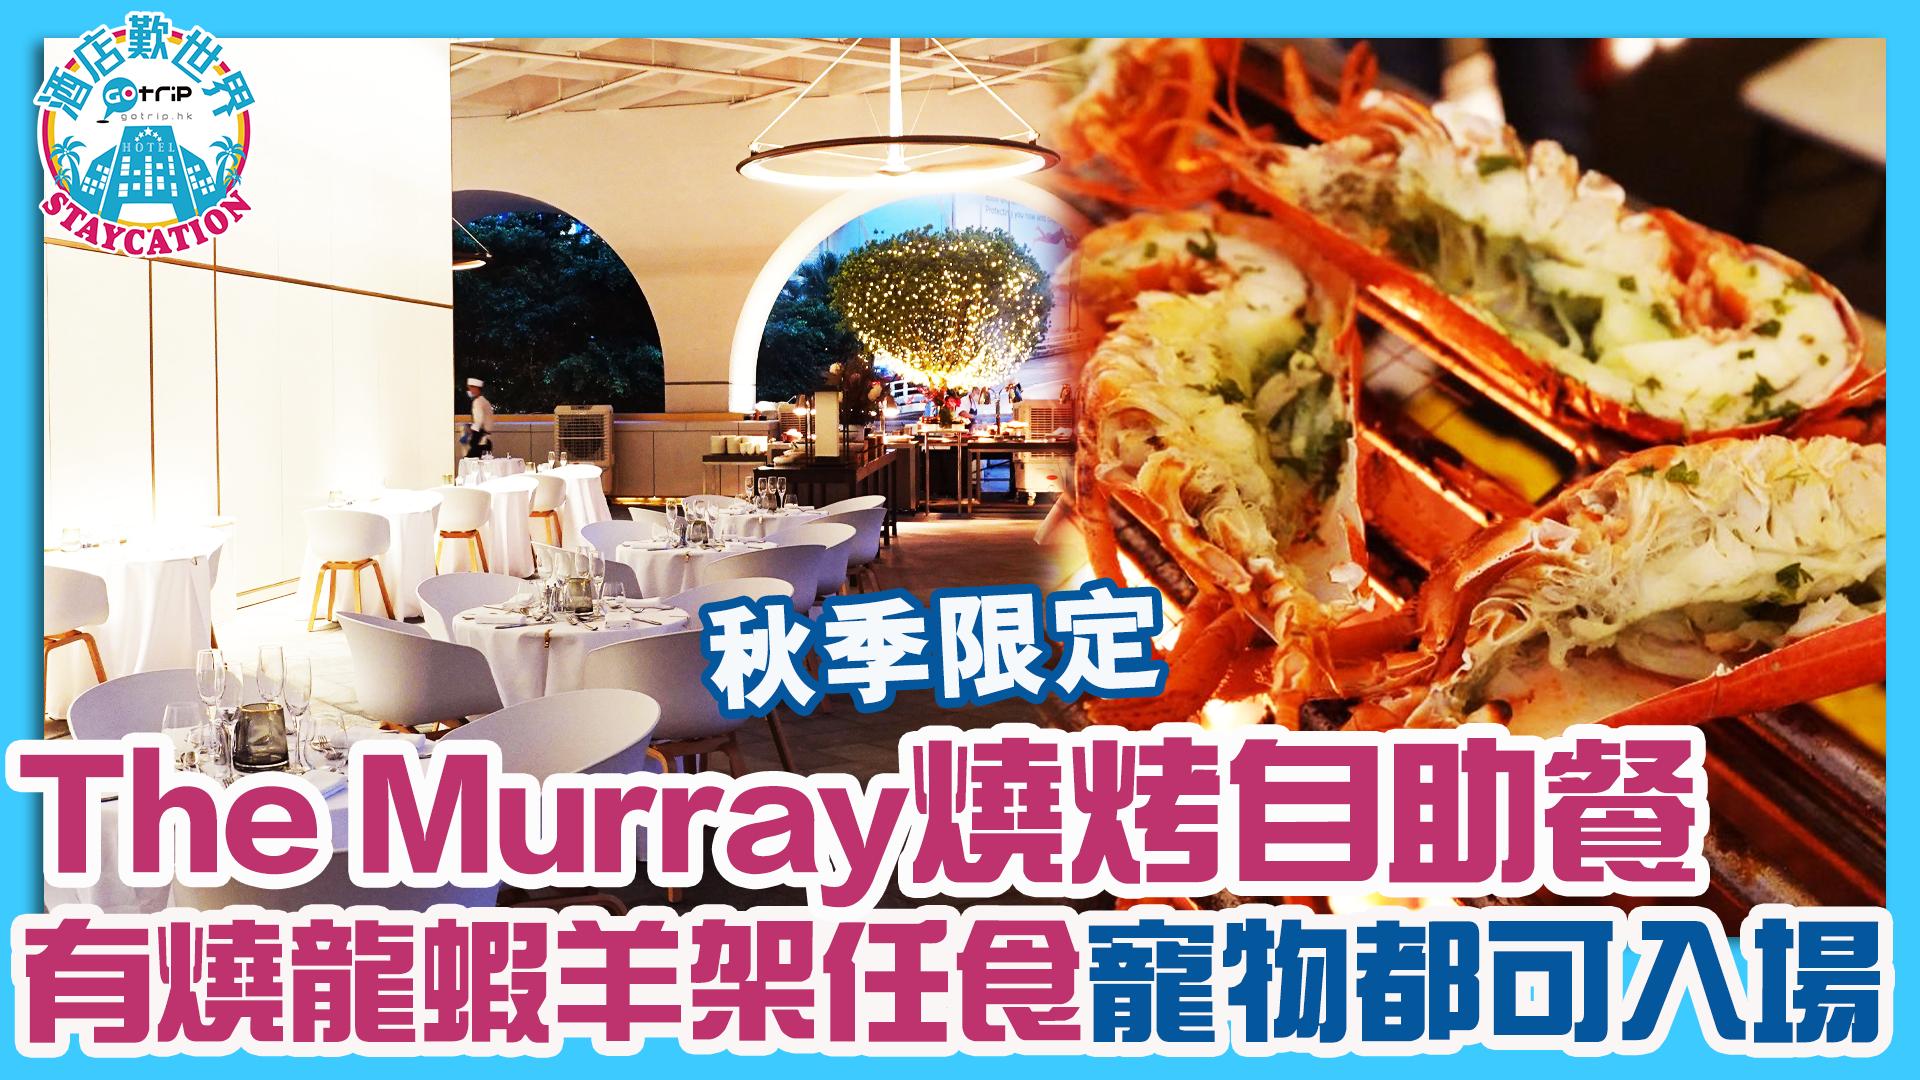 編輯實試The Murray秋季燒烤自助餐 五星酒店燒烤自助餐有咩食?